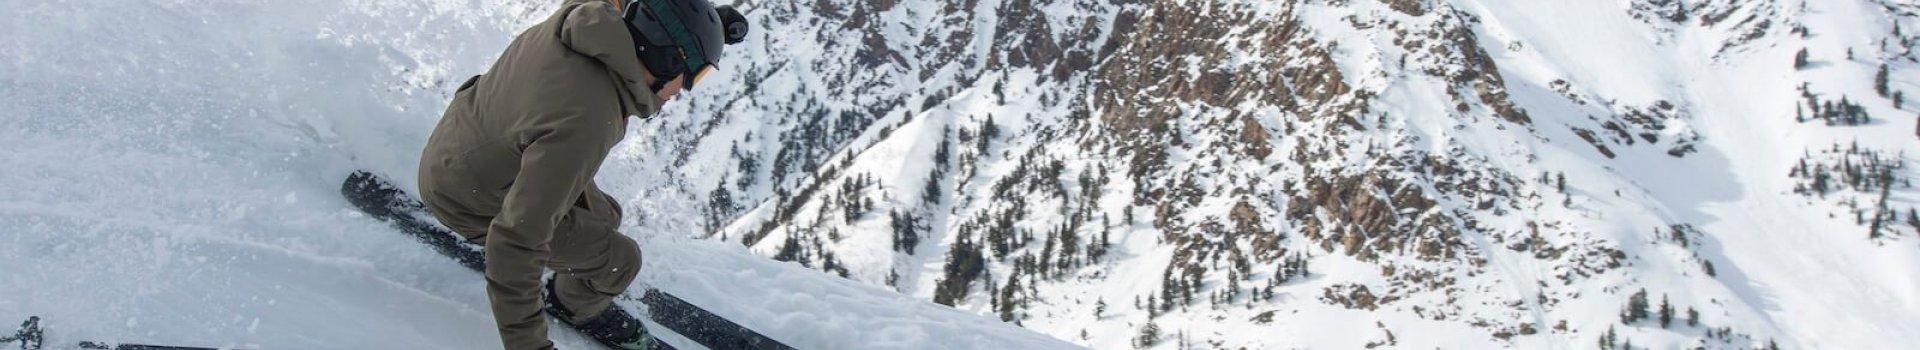 Gdzie możesz kupić narty Salomon?